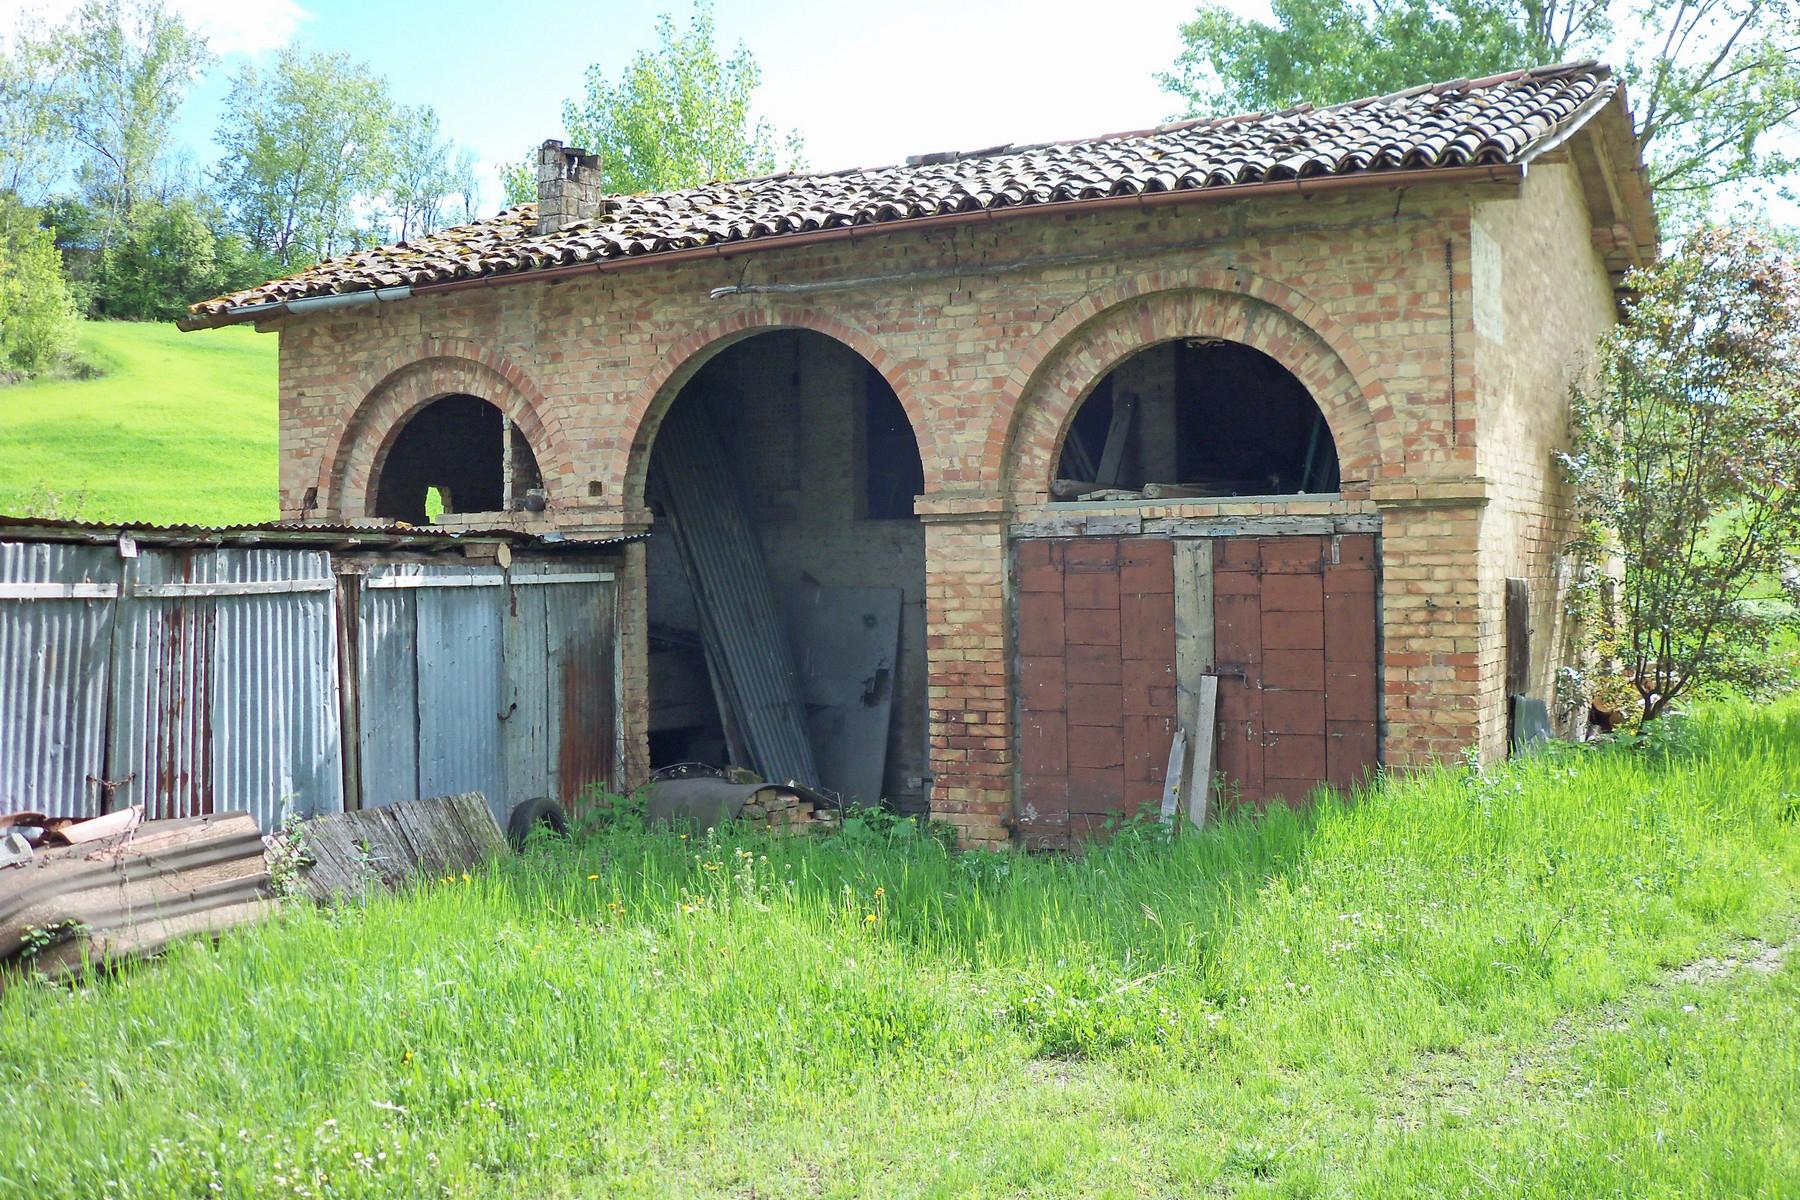 Rustico in Vendita a Castelvetro Di Modena: 5 locali, 3100 mq - Foto 11